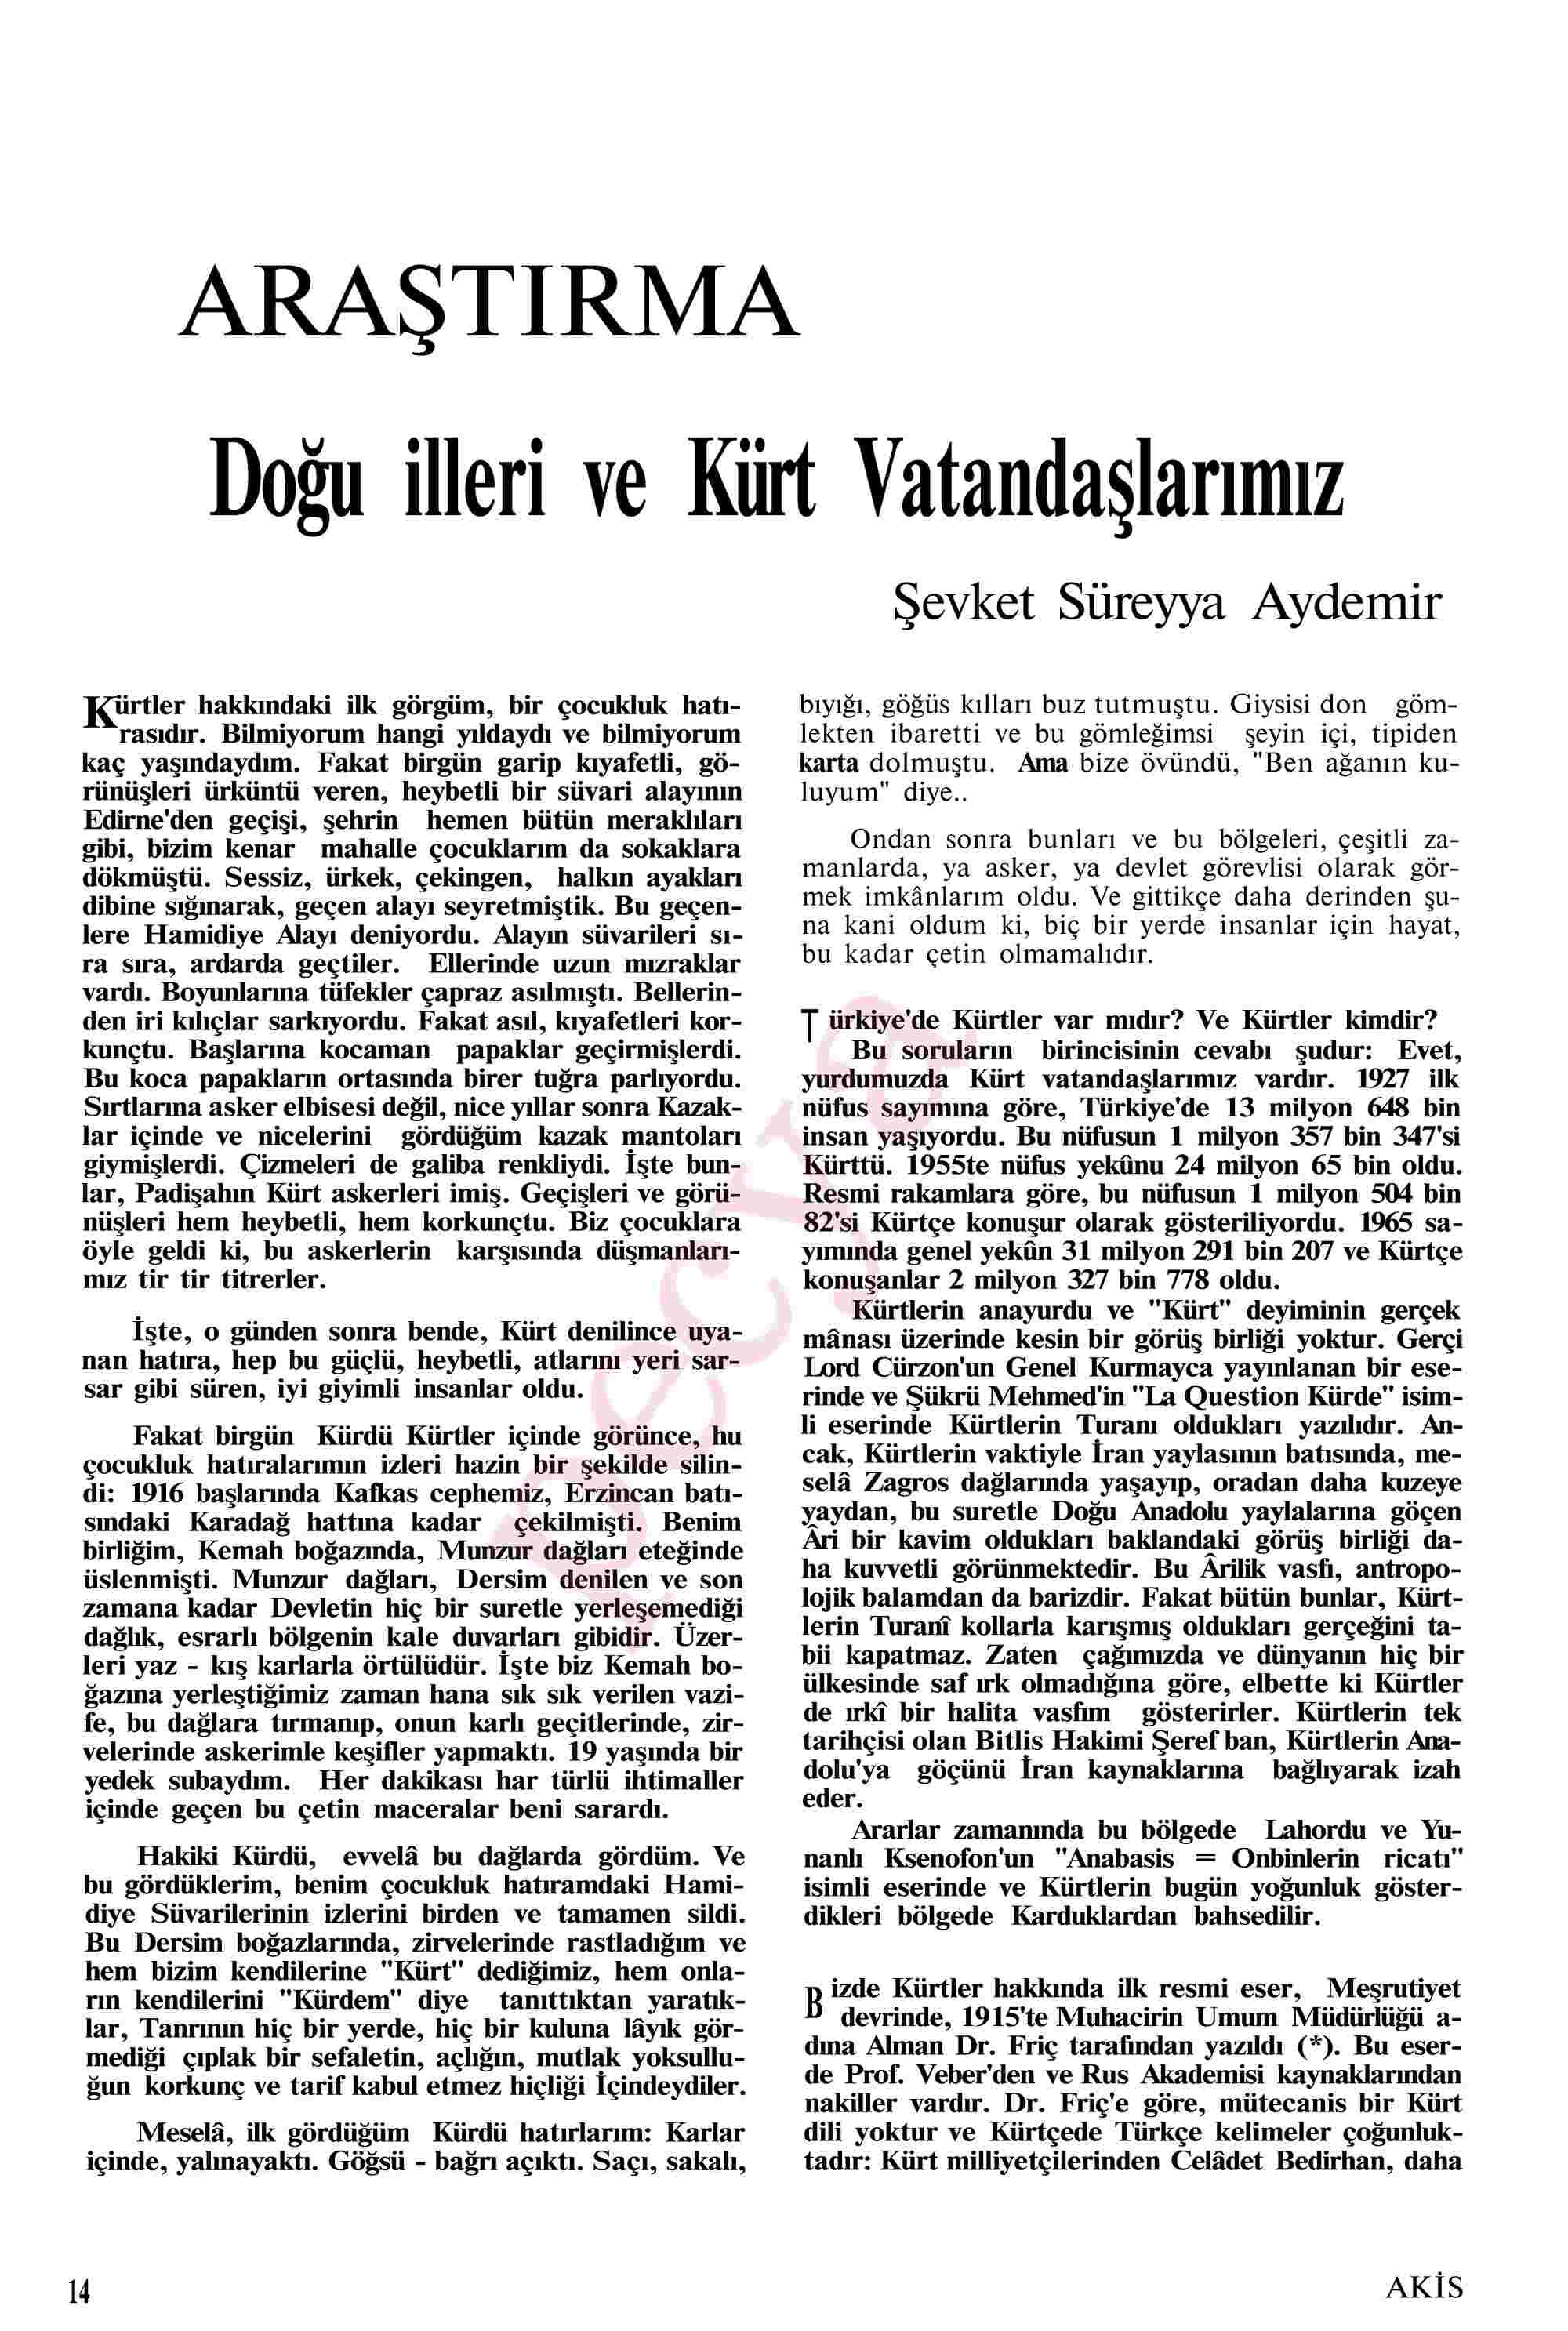 6 Kasım 1967 Tarihli Akis Dergisi Sayfa 14